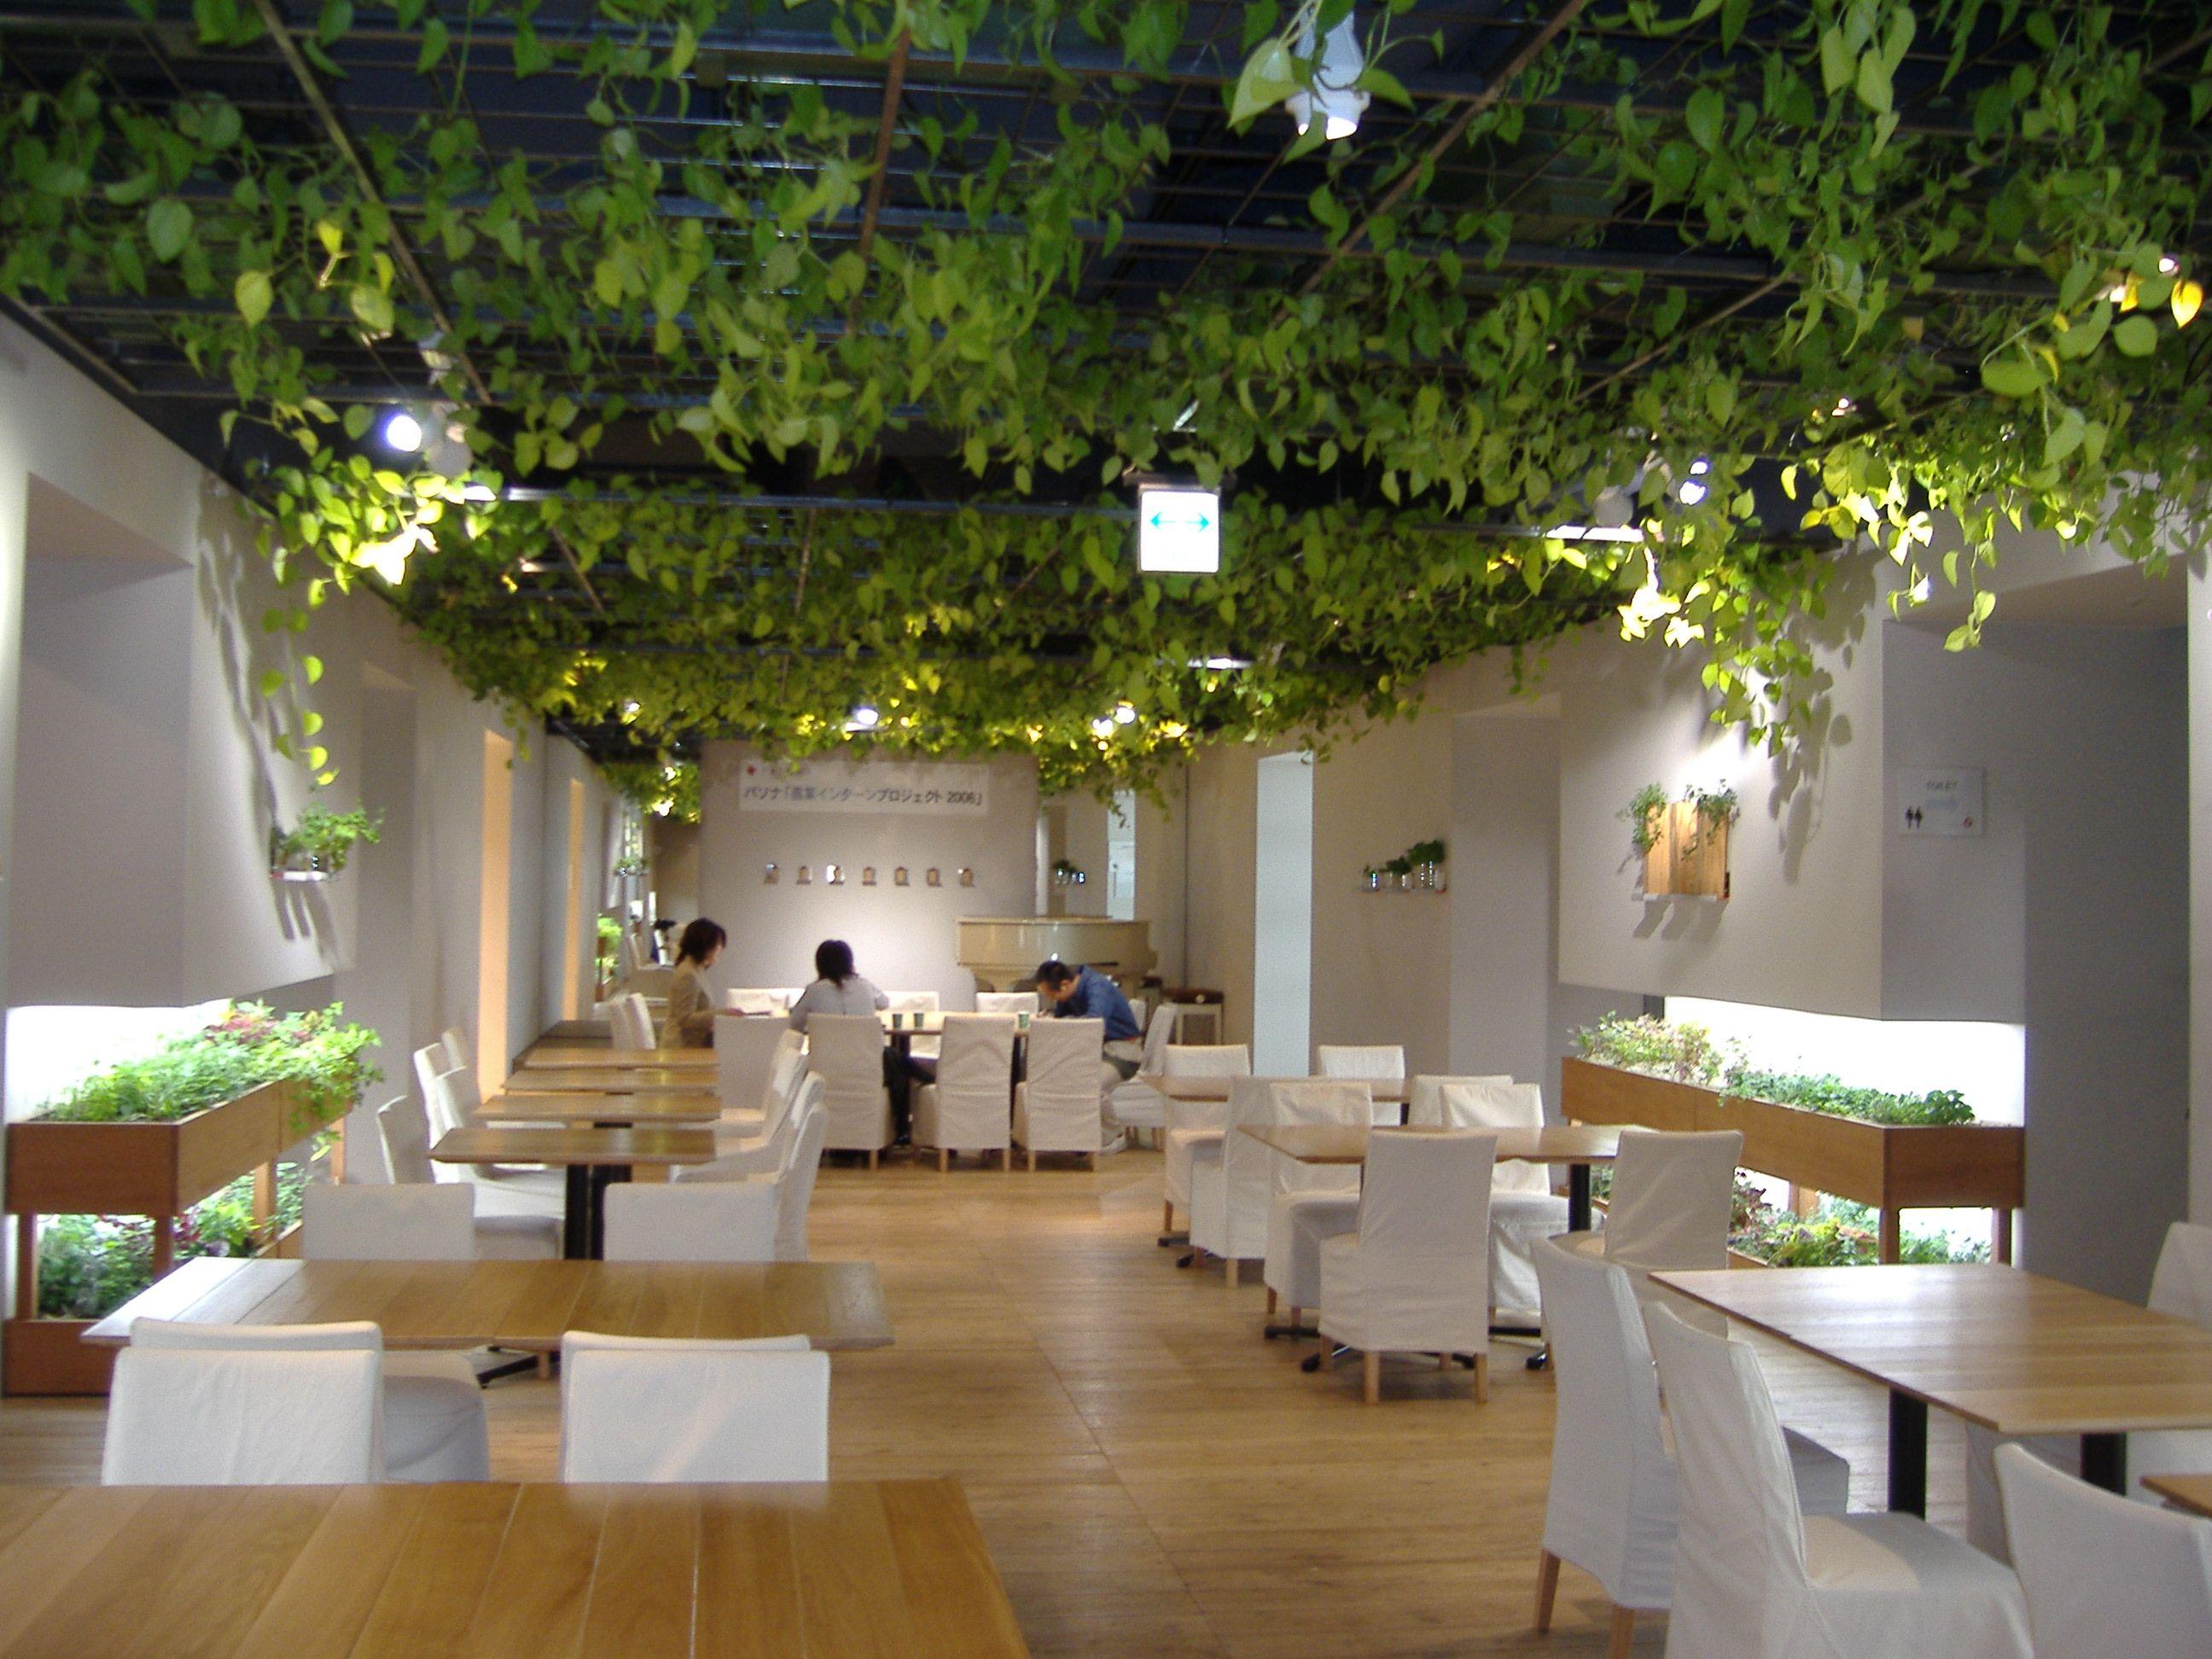 Nhn Japan株式会社は東新宿にもオフィスがあるらしいので行ってきた